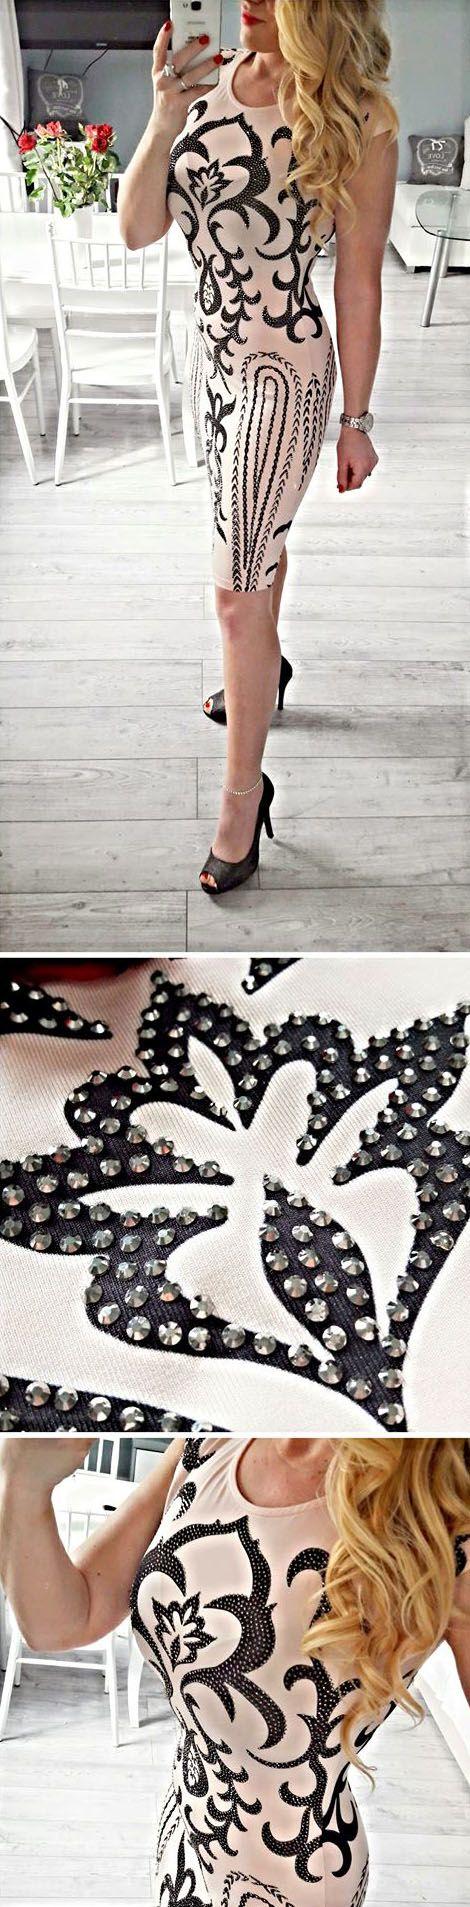 Elegancka sukienka na wiele okazji, randkę, wesele, komunię itp. 😍 S,M 145zł. Zamówienia prosimy składać w wiadomości prywatnej 😍